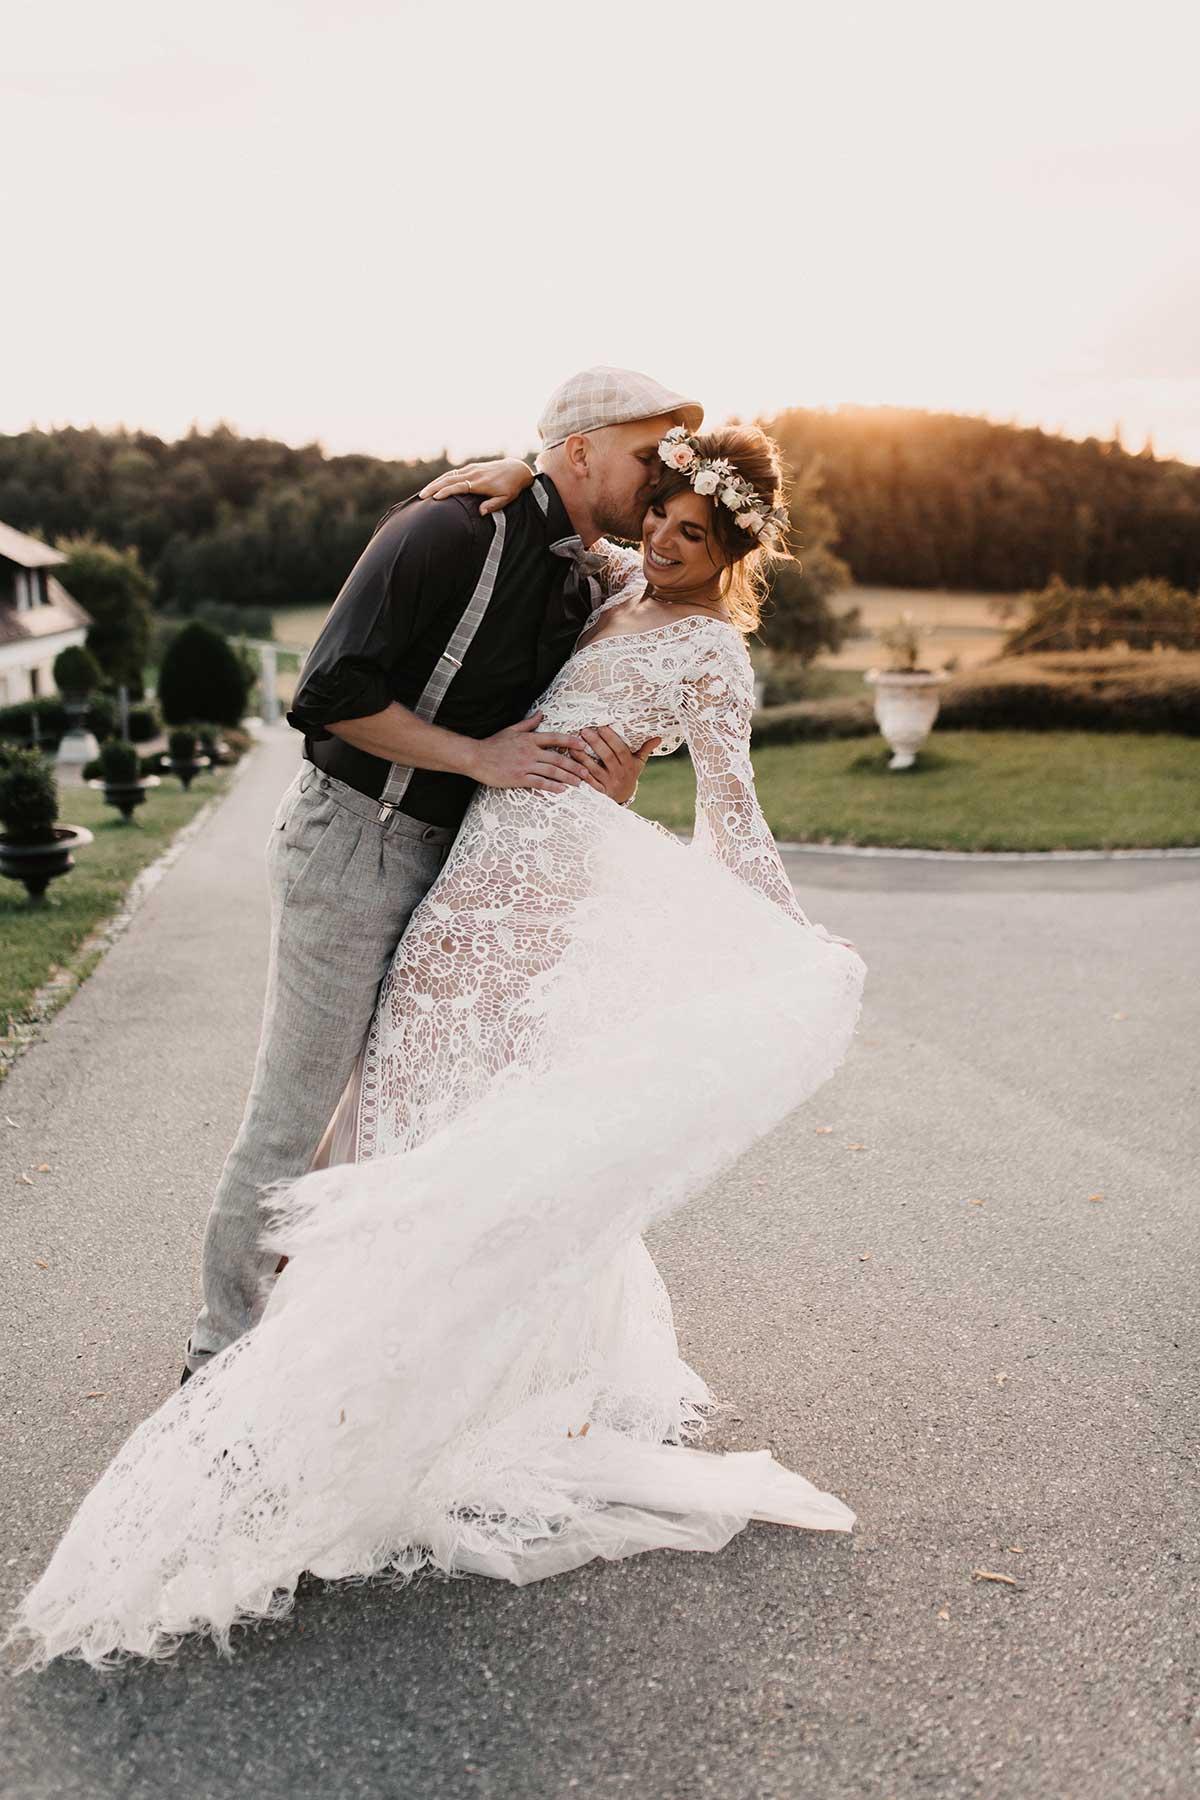 Braut und Bräutigam tanzen in den Sonnenuntergang hinein